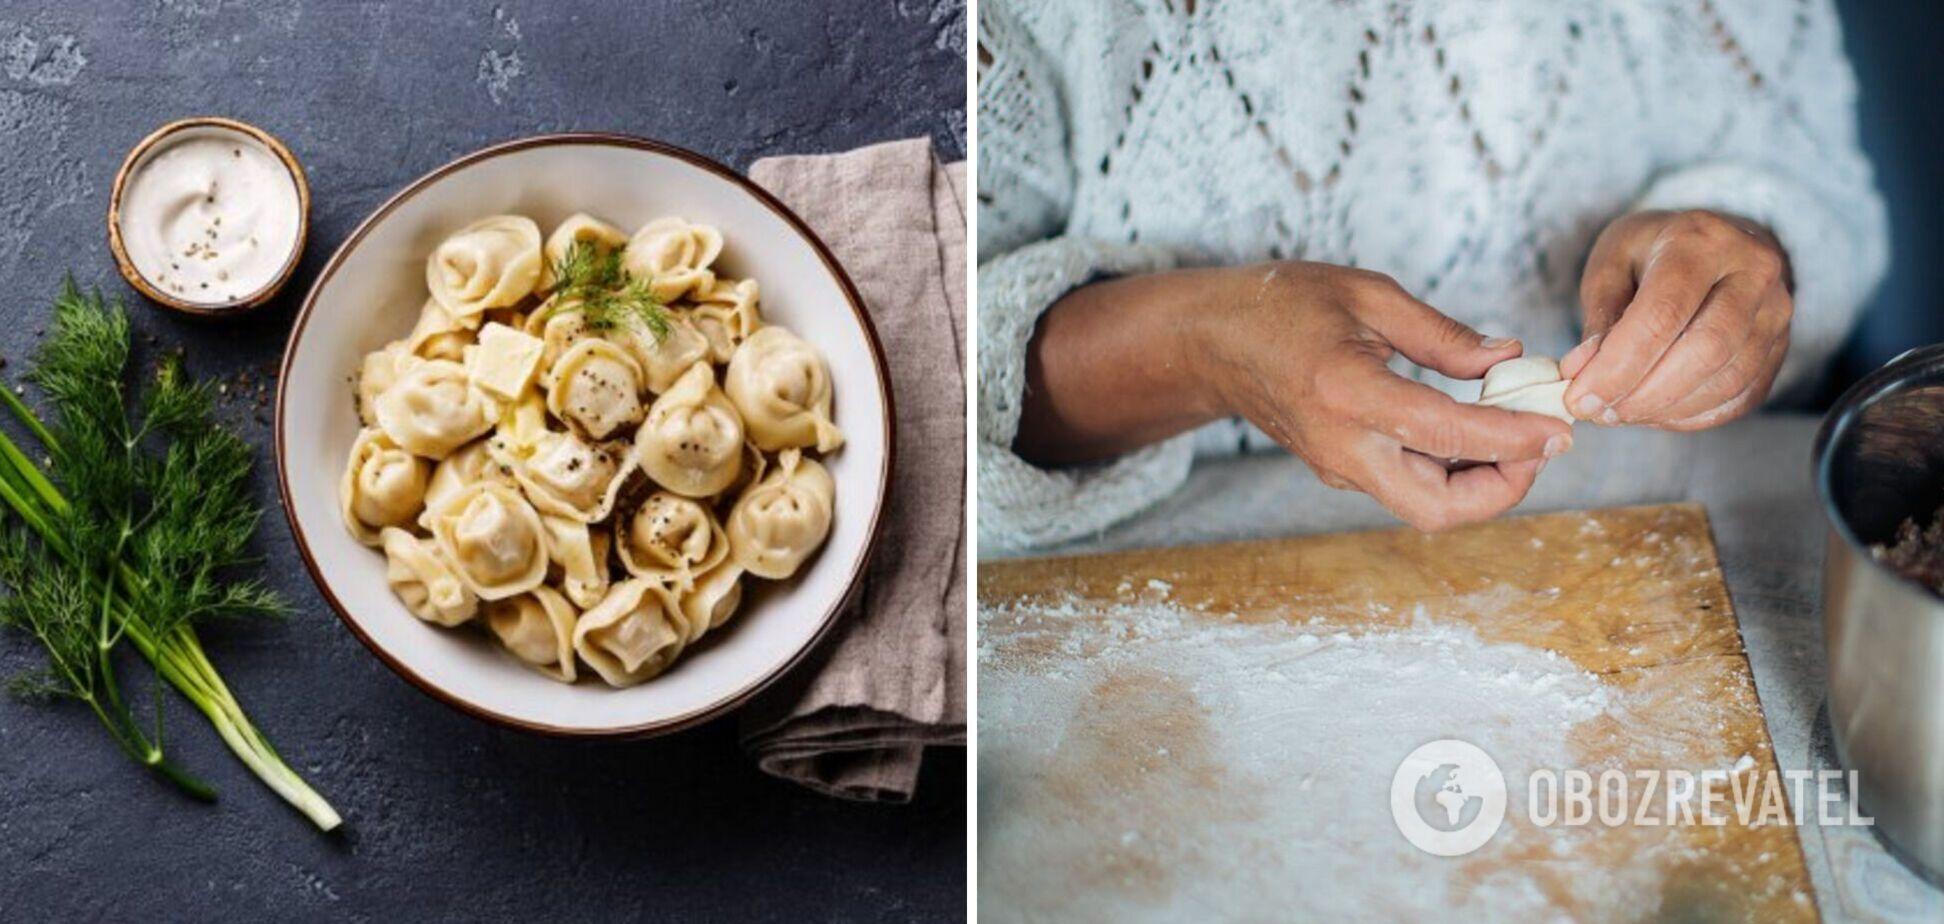 Как сделать идеальное тесто для пельменей: 2 варианта